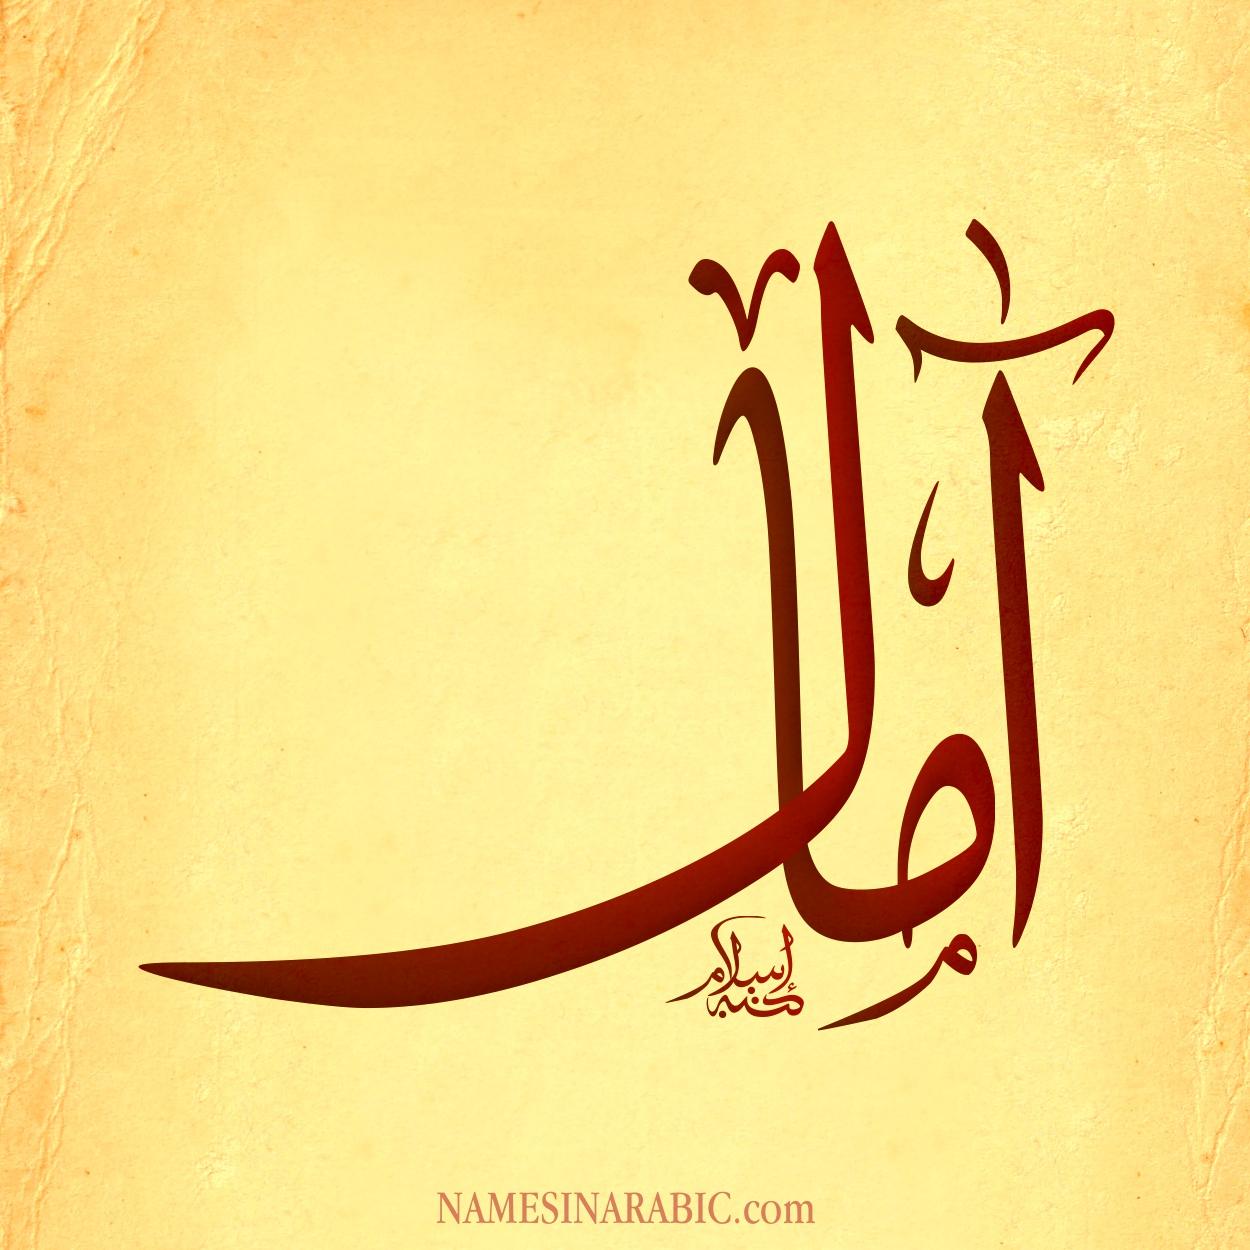 صور اسم آمال قاموس الأسماء و المعاني